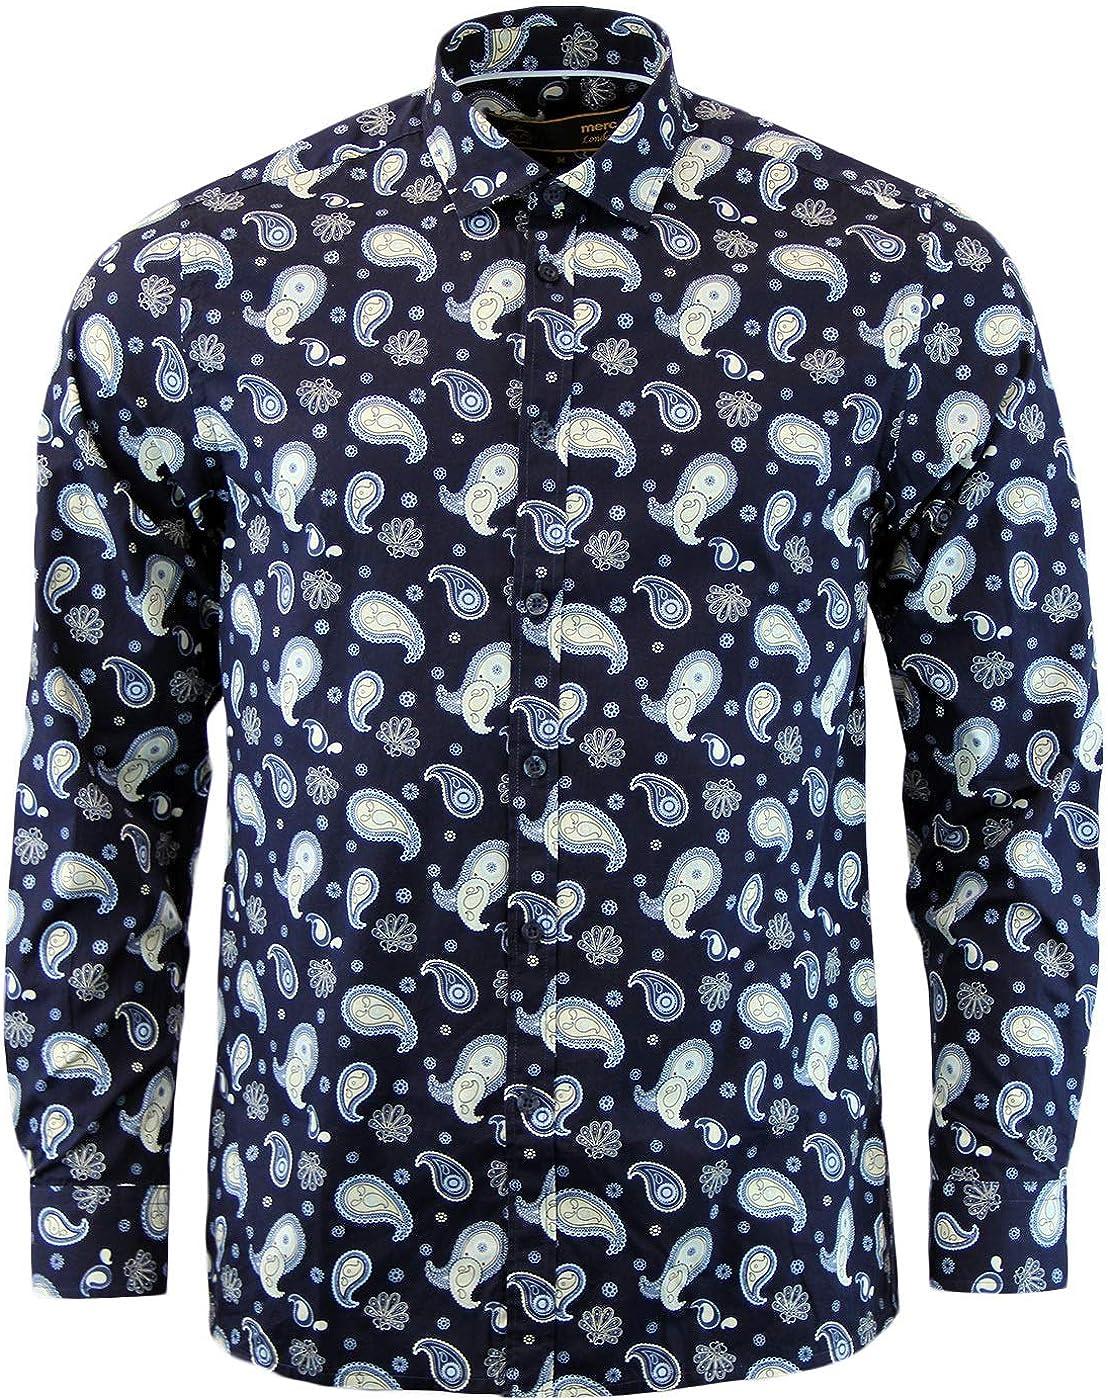 Merc of London Kean Camisa para Hombre: Amazon.es: Ropa y accesorios